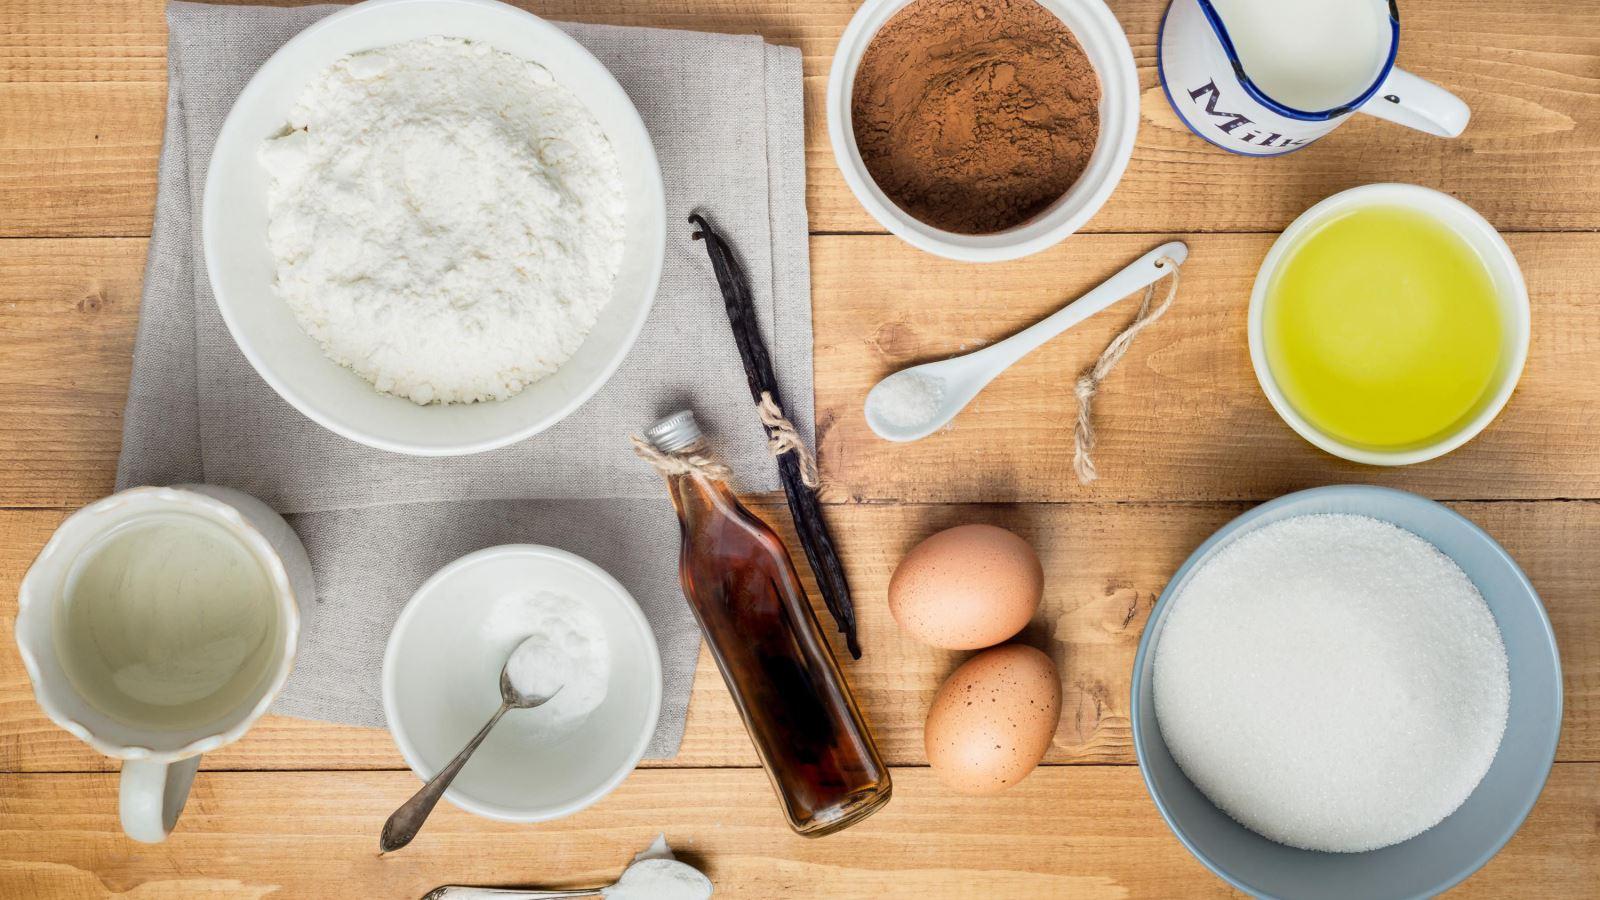 làm bánh rán từ bột mì và trứng